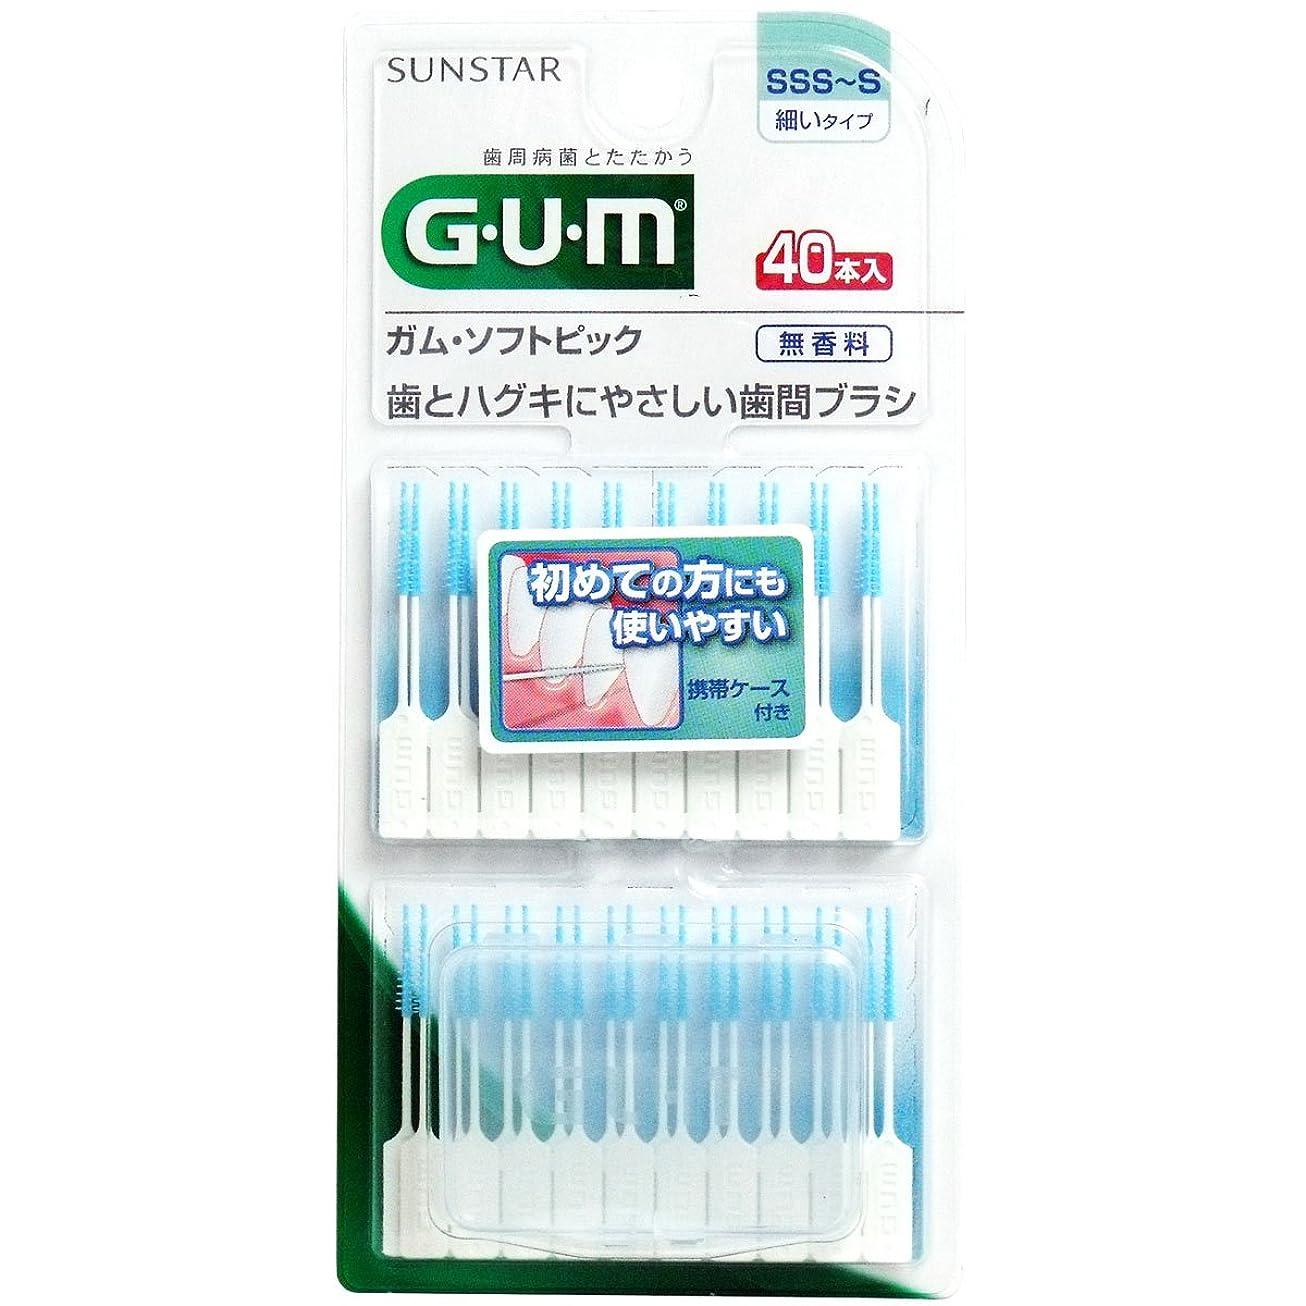 驚最初に免除する【まとめ買い】GUM(ガム) ソフトピック40P 無香料 [SSS~S] (4個)